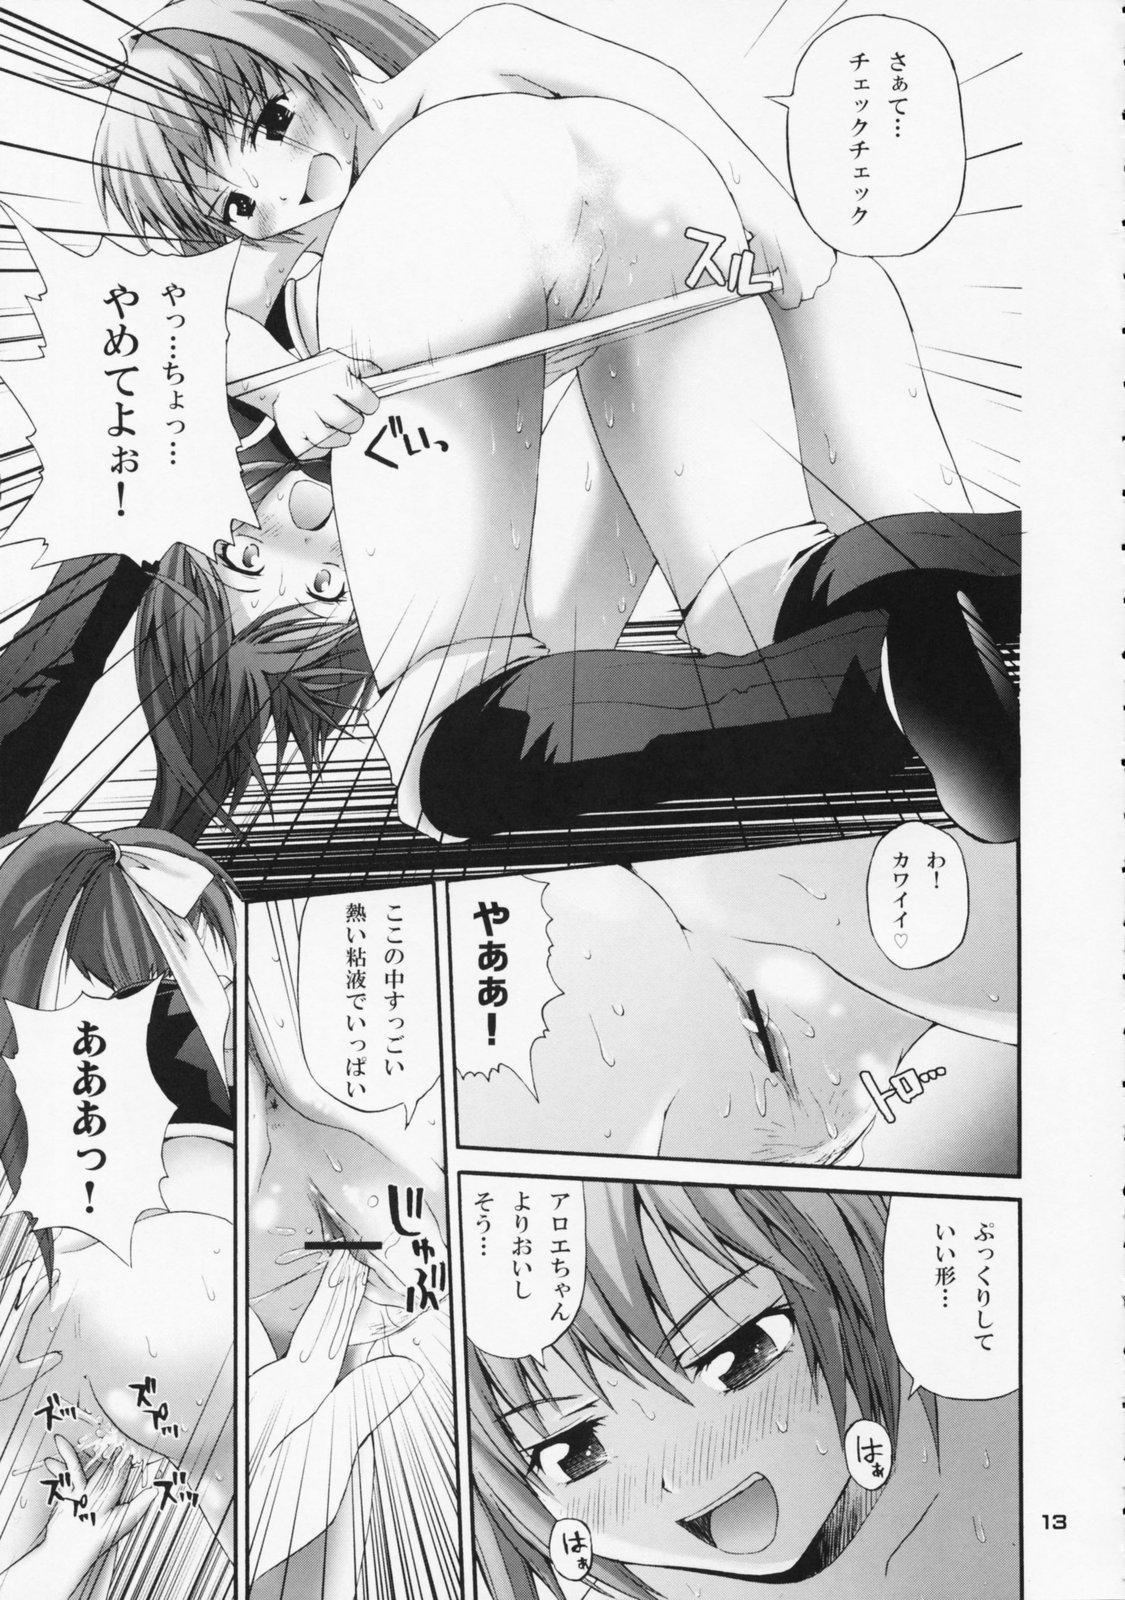 Aloe wa Yuri-ka no Ryouseizoku 12